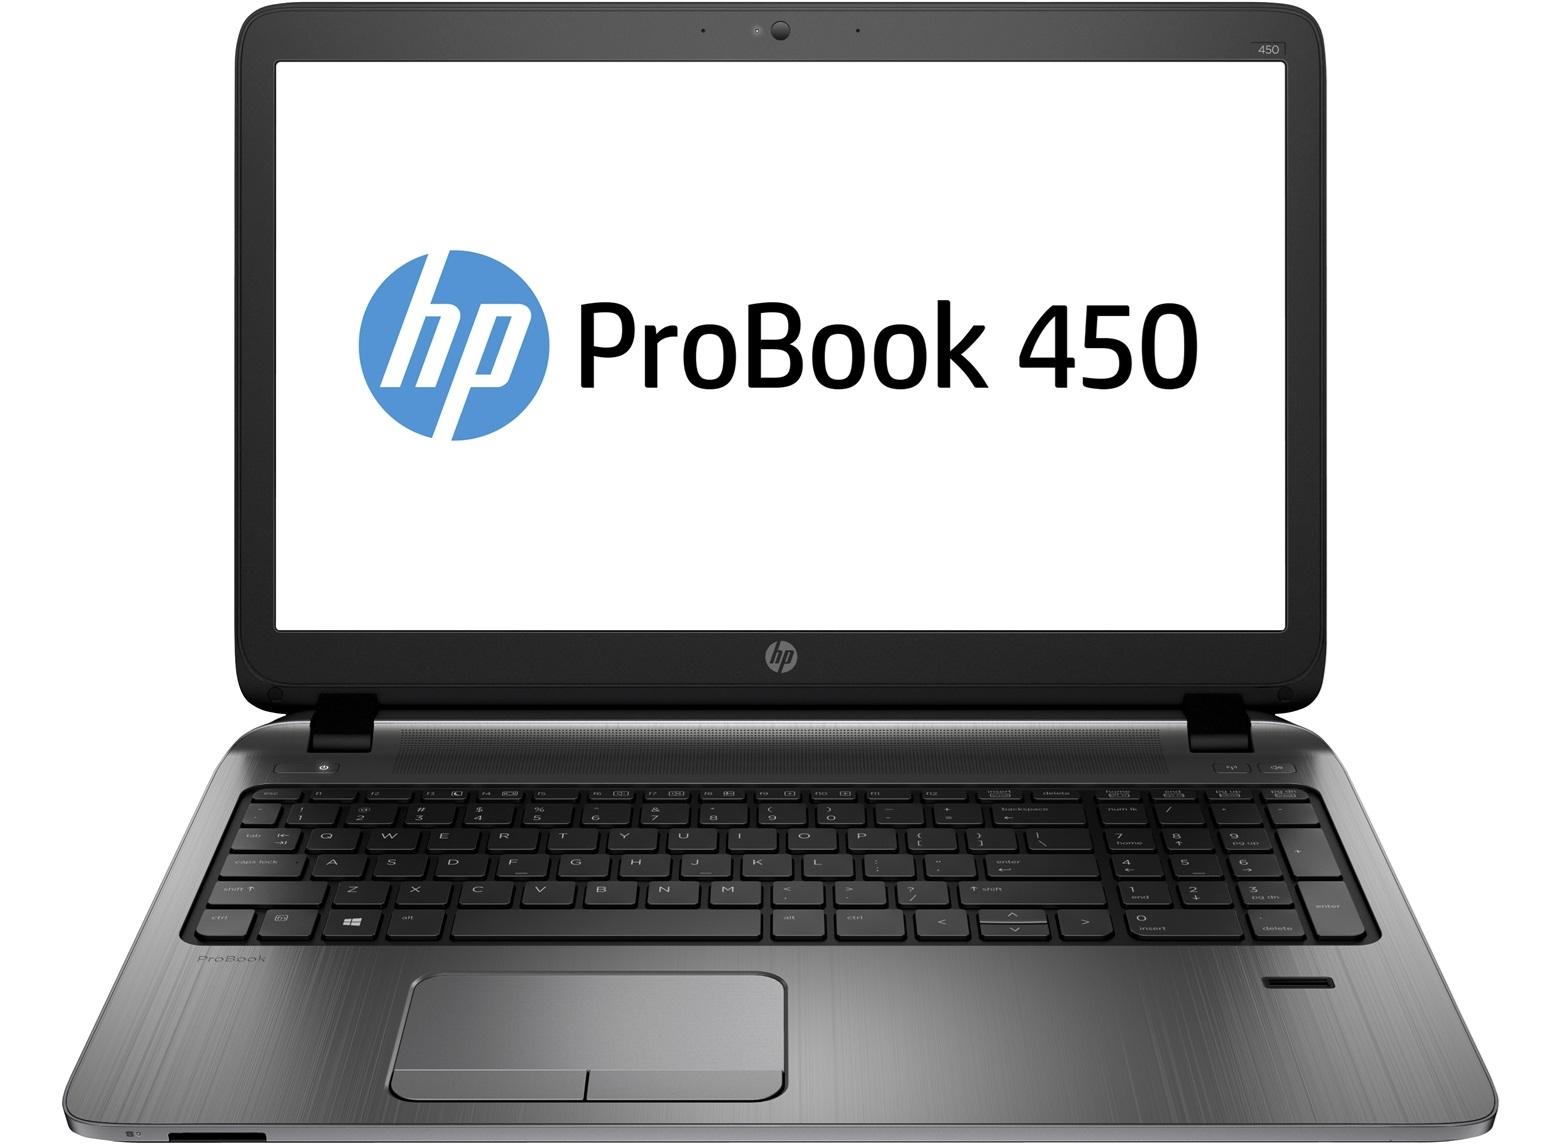 HP ProBook 450 G2 15.6 HD/3205U/4GB/1TB/DVD/VGA/HDMI/RJ45/WIFI/BT/MCR/FPR/1Rservis/W10